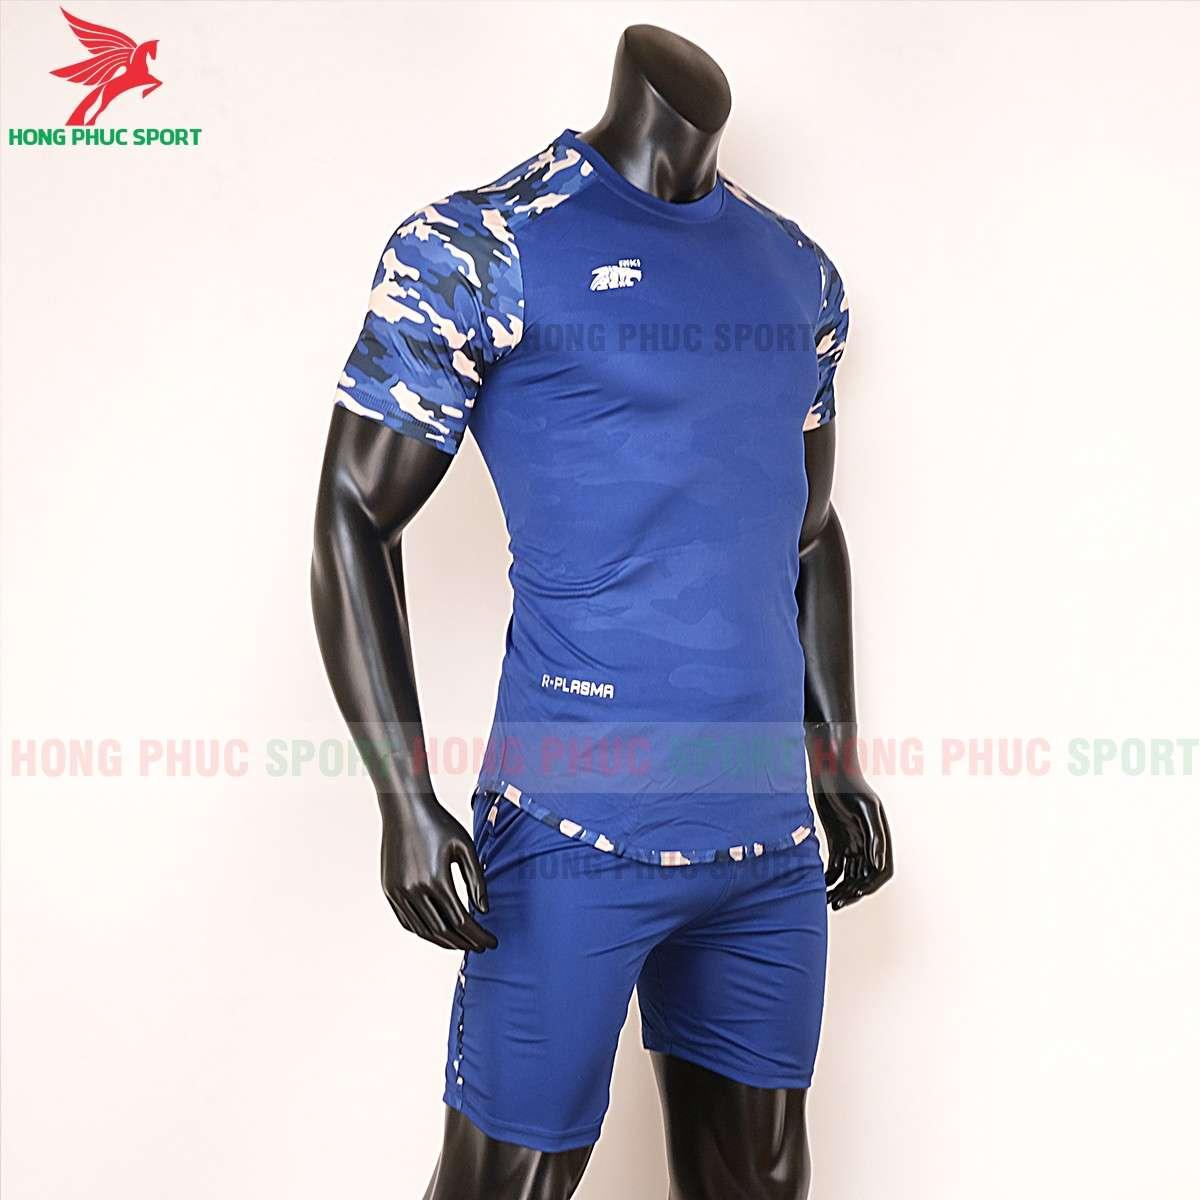 Áo đá banh không logo 2020 Riki Camor xanh bích